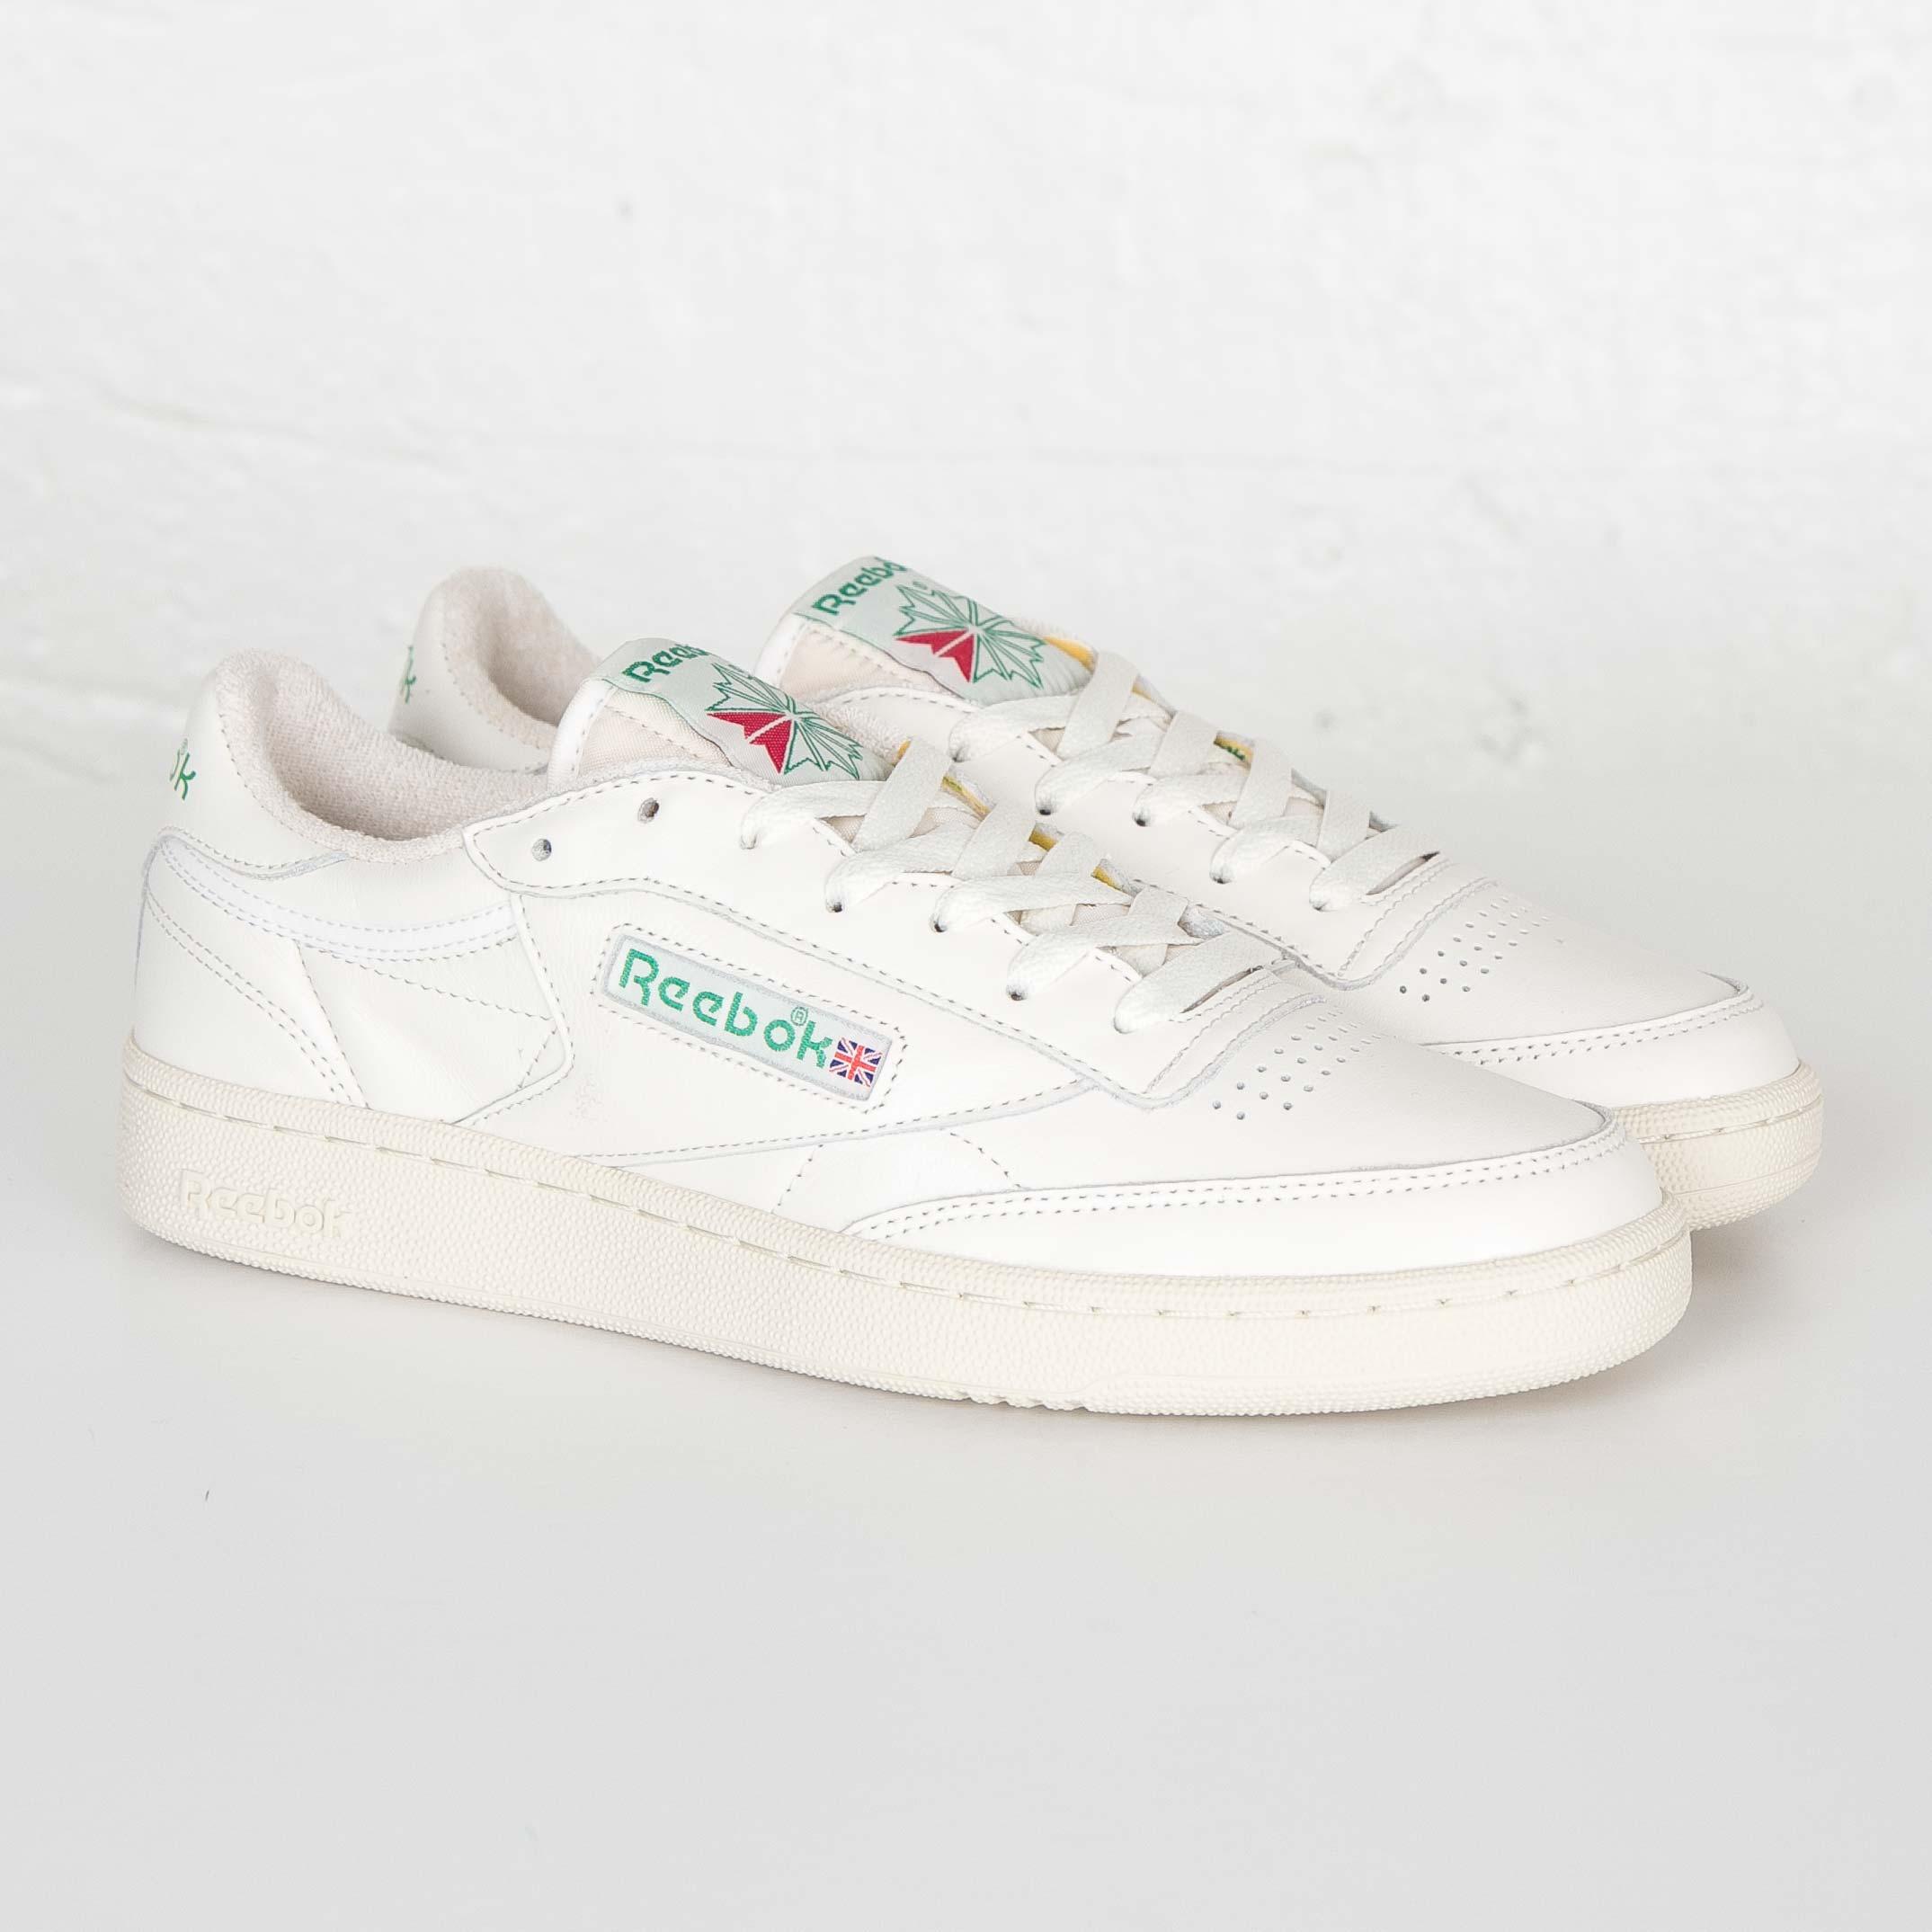 33292646553 Reebok Club C 85 Vintage - V67899 - Sneakersnstuff